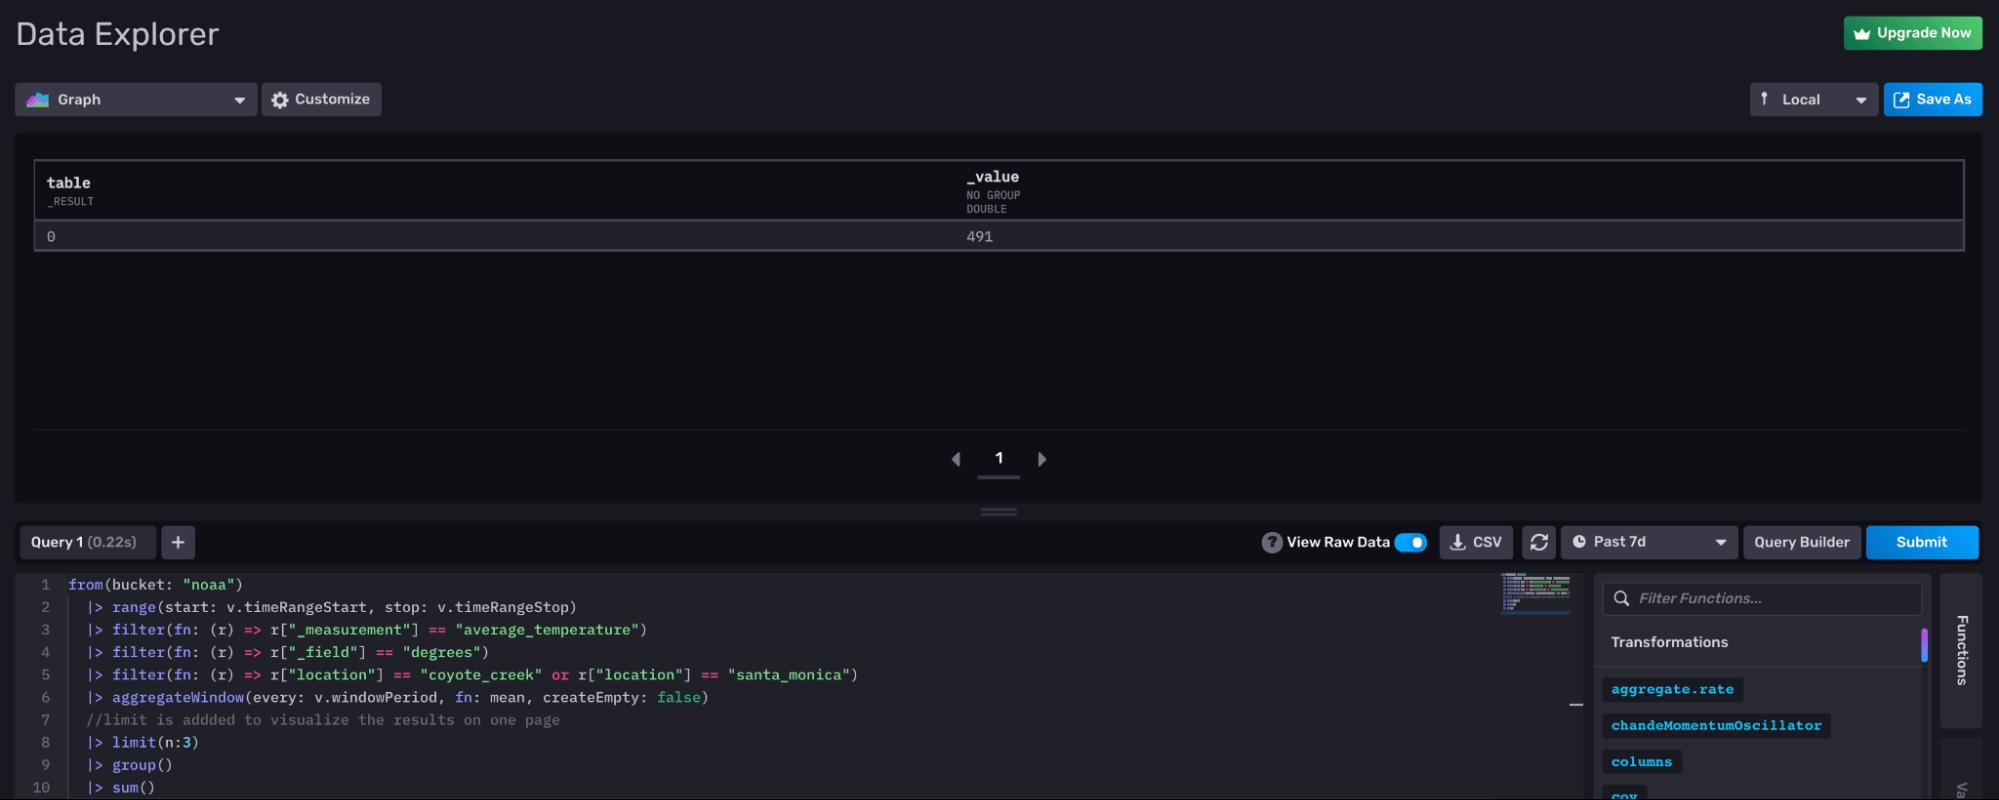 Data Explorer - total sum